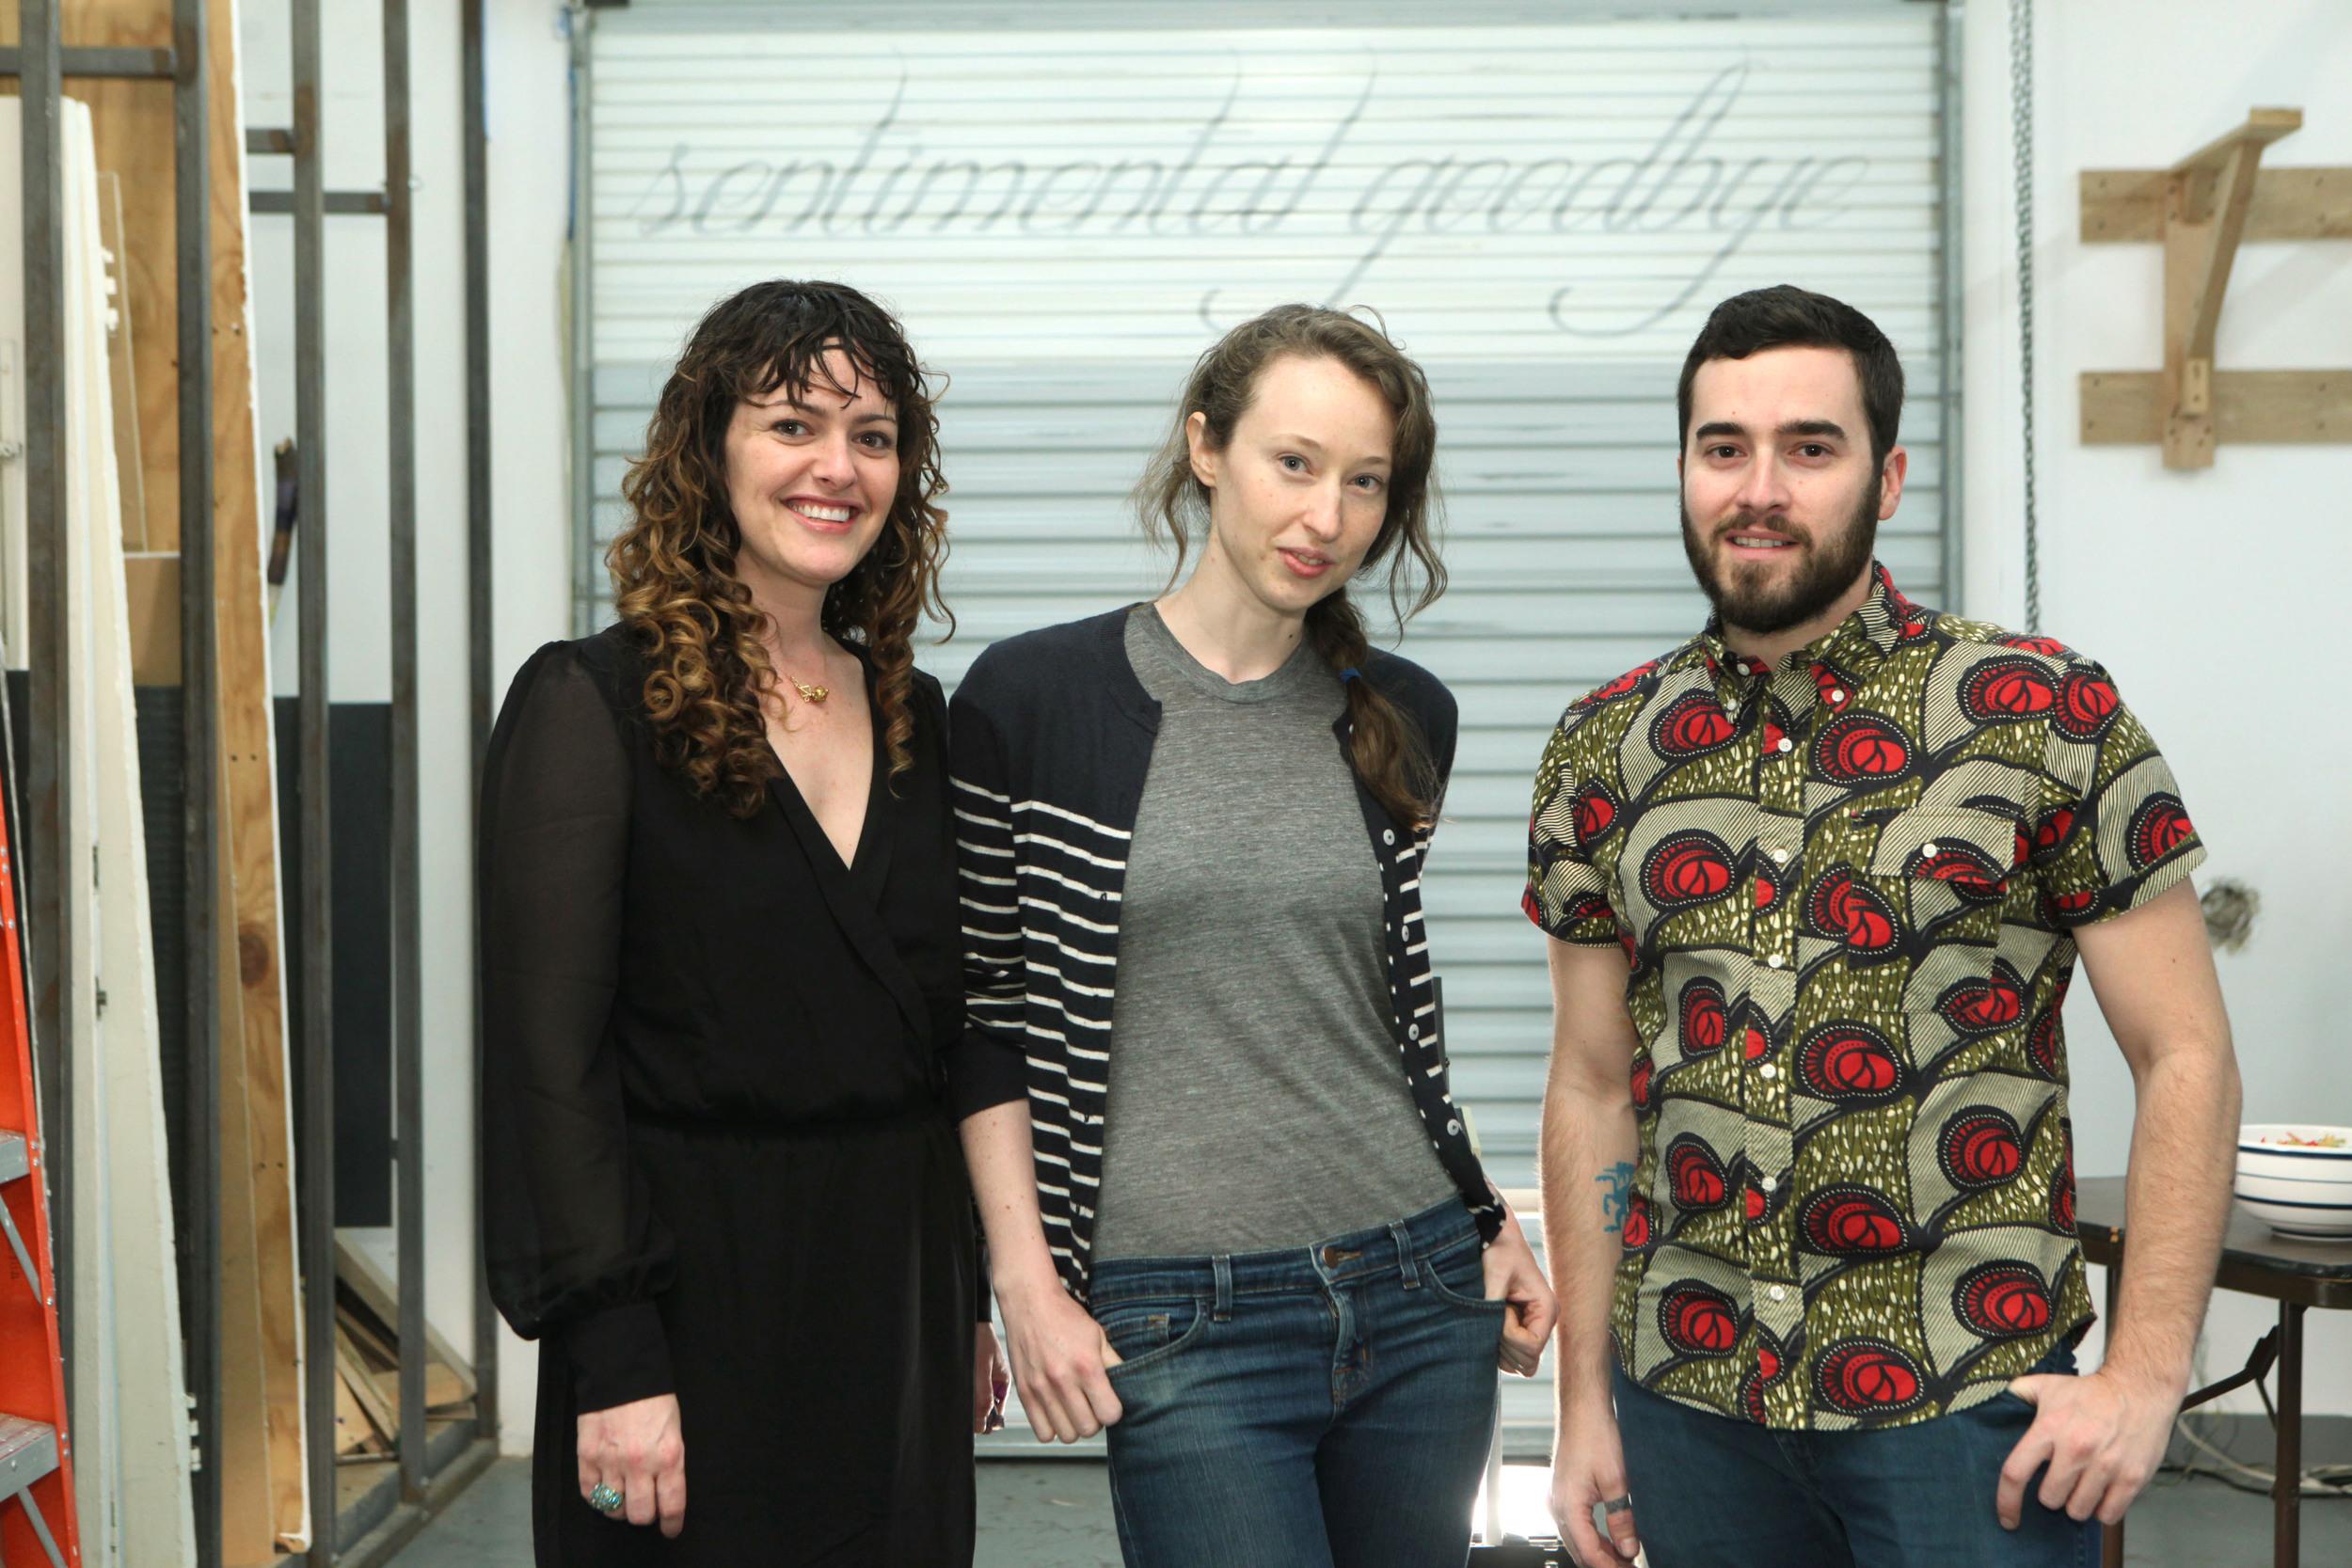 Jessica Amos, Kelly Donahey, and John Roelofs